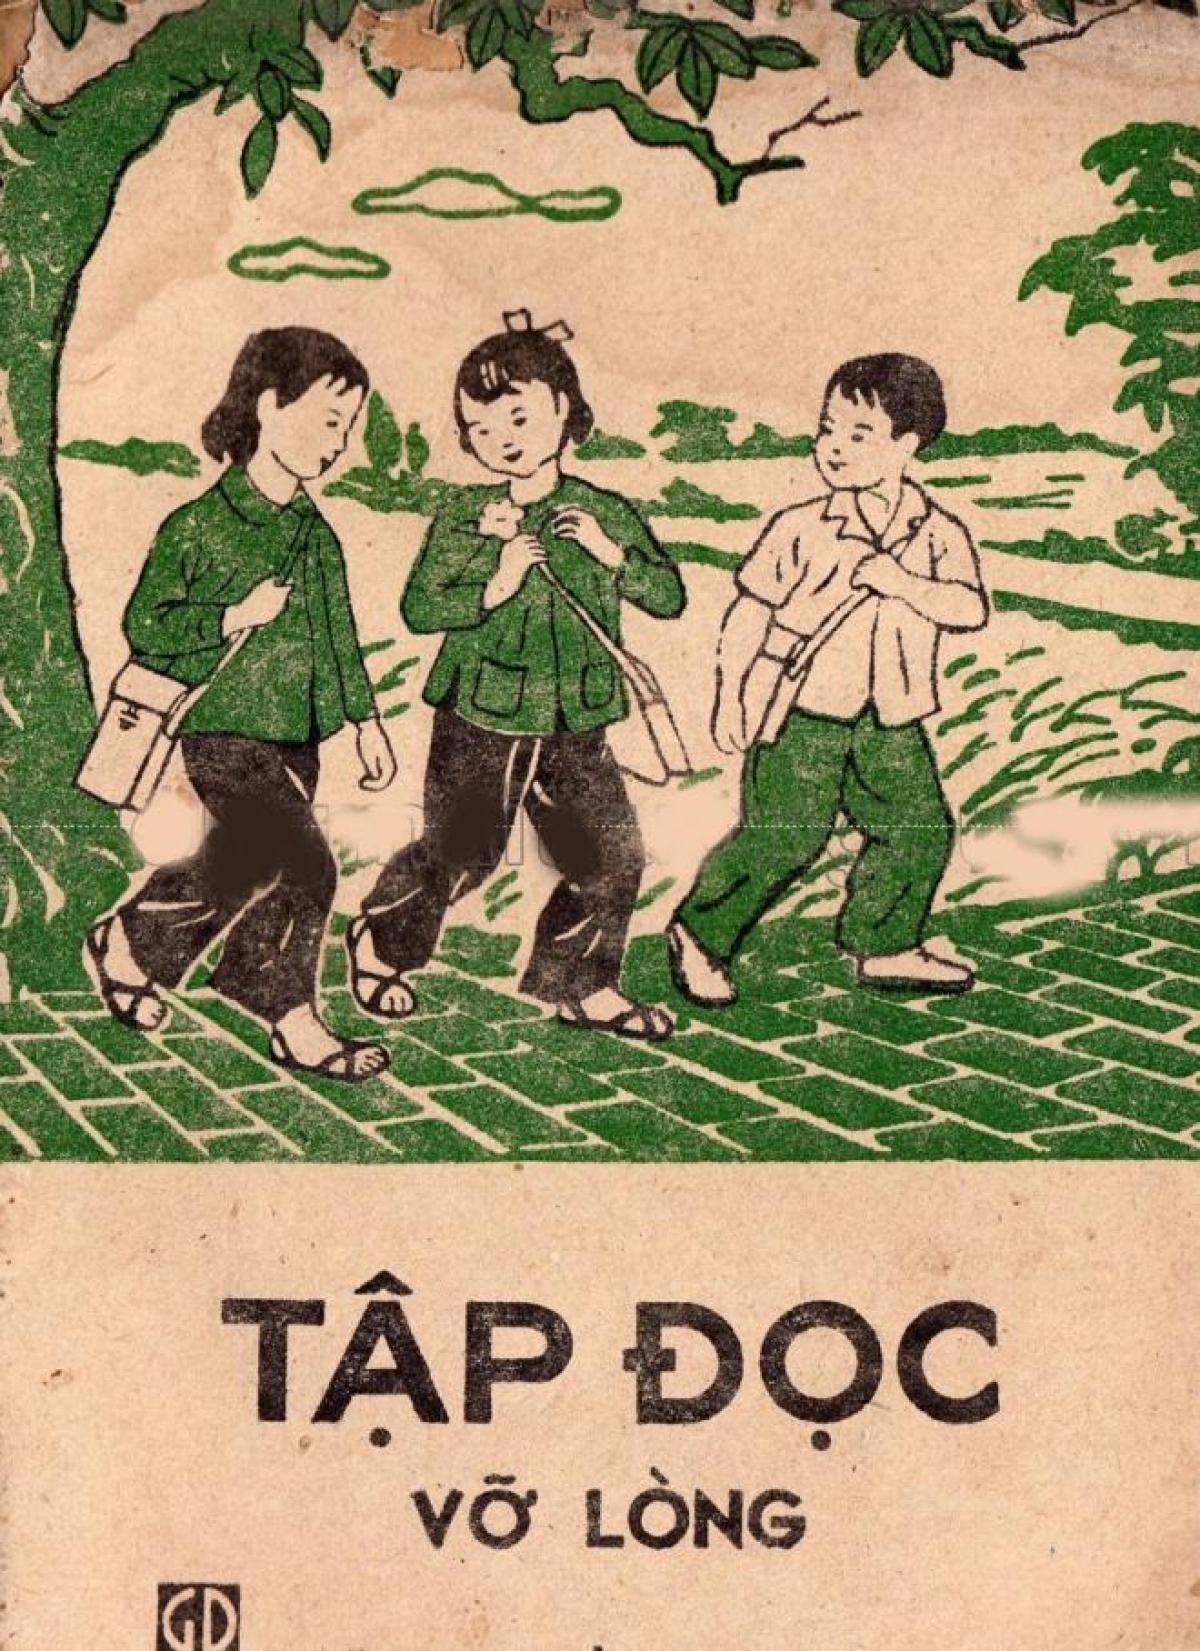 Sách Tập đọc vỡ lòng của Nhà xuất bản Giáo dục, xuất bản năm 1979.